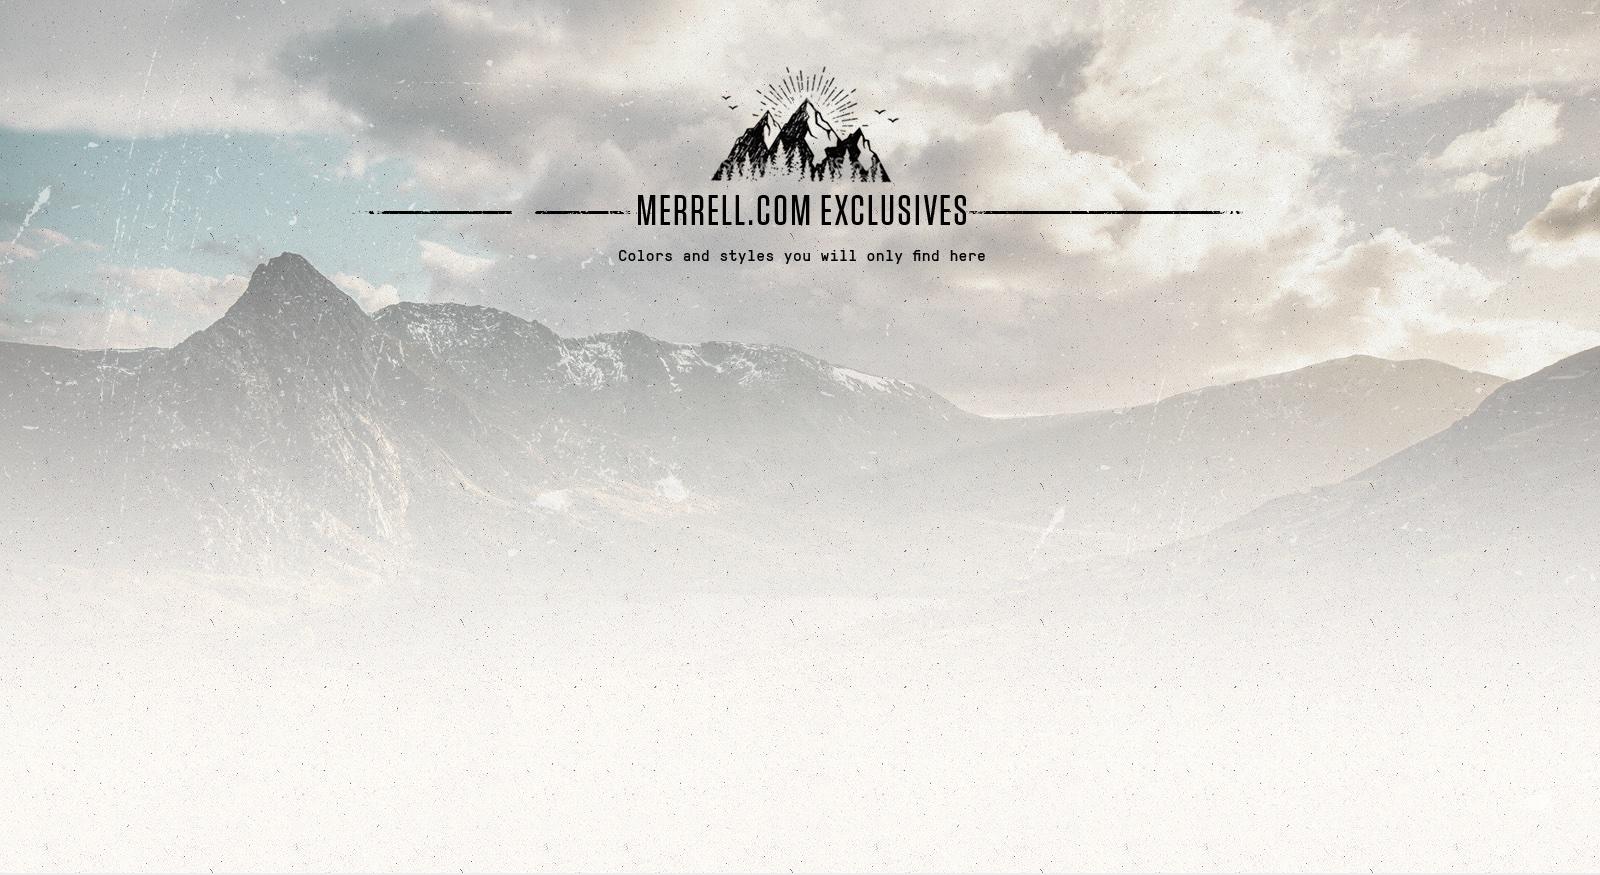 Merrell.com Exclusives